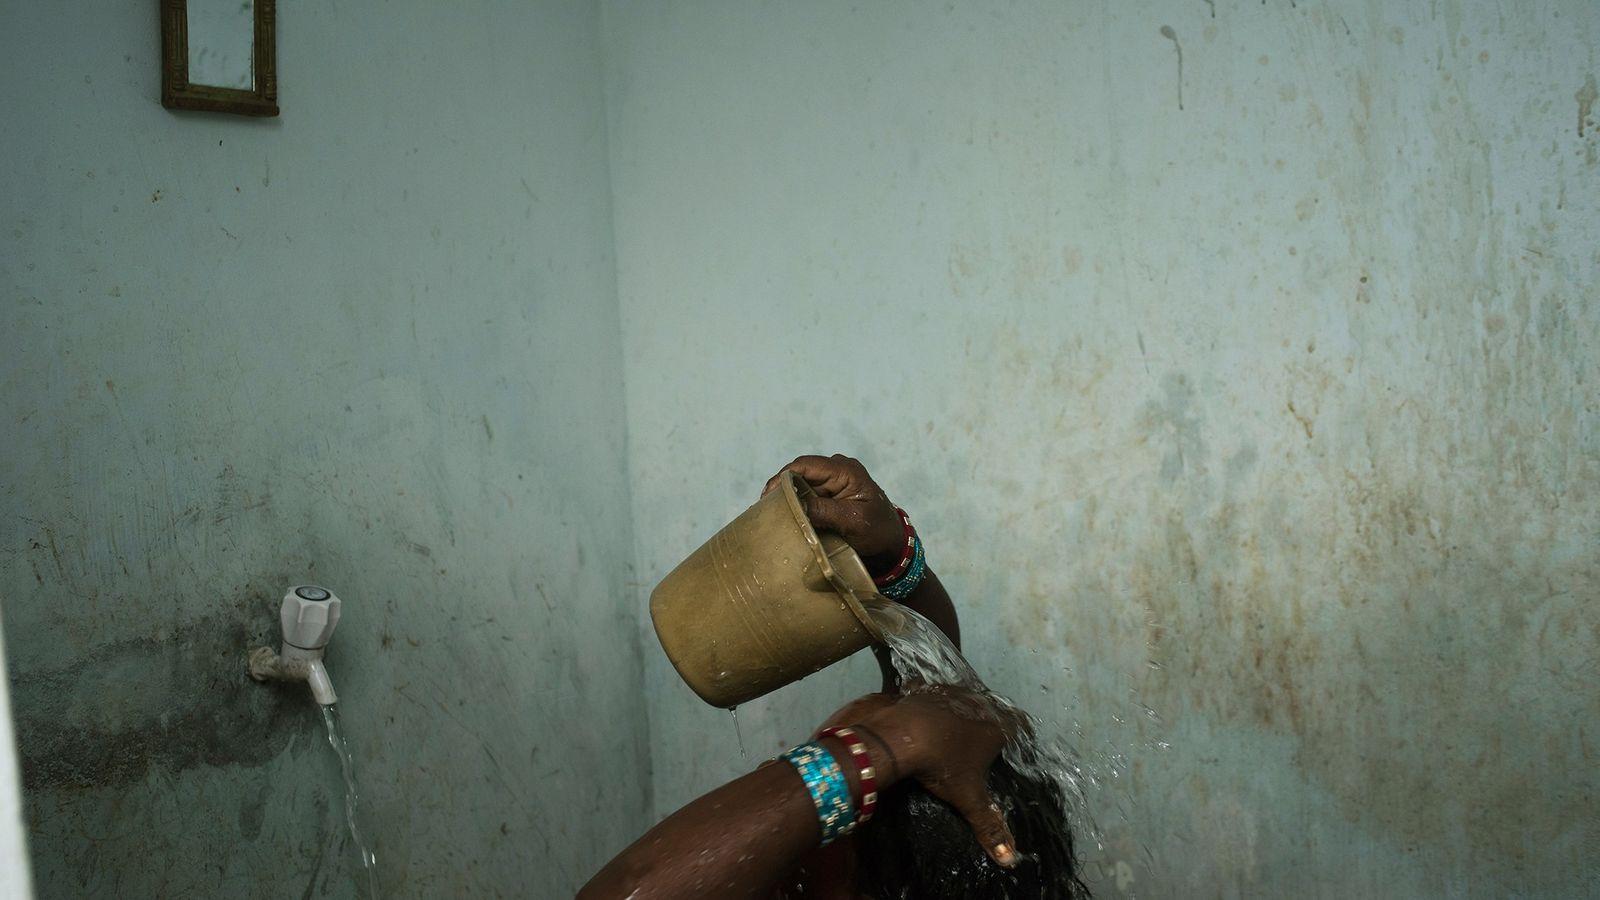 Une femme se lave près de Bhubaneshwar, une ville de l'état d'Odisha dans l'est de l'Inde. ...